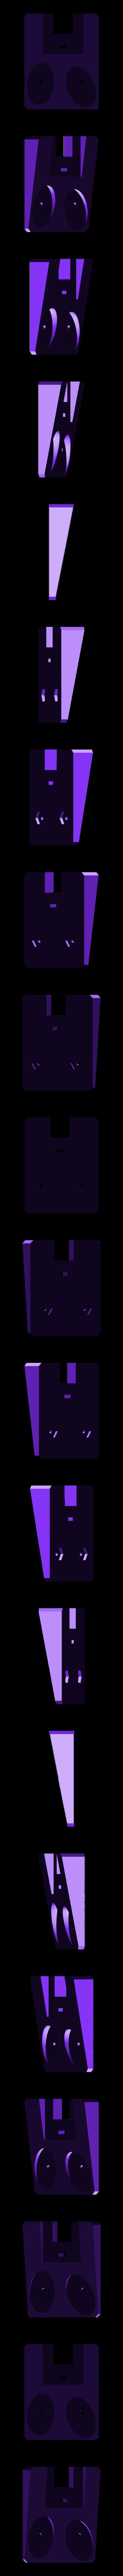 base_4A_clamp.stl Télécharger fichier STL gratuit Les outils sont l'homme • Modèle pour imprimante 3D, Job